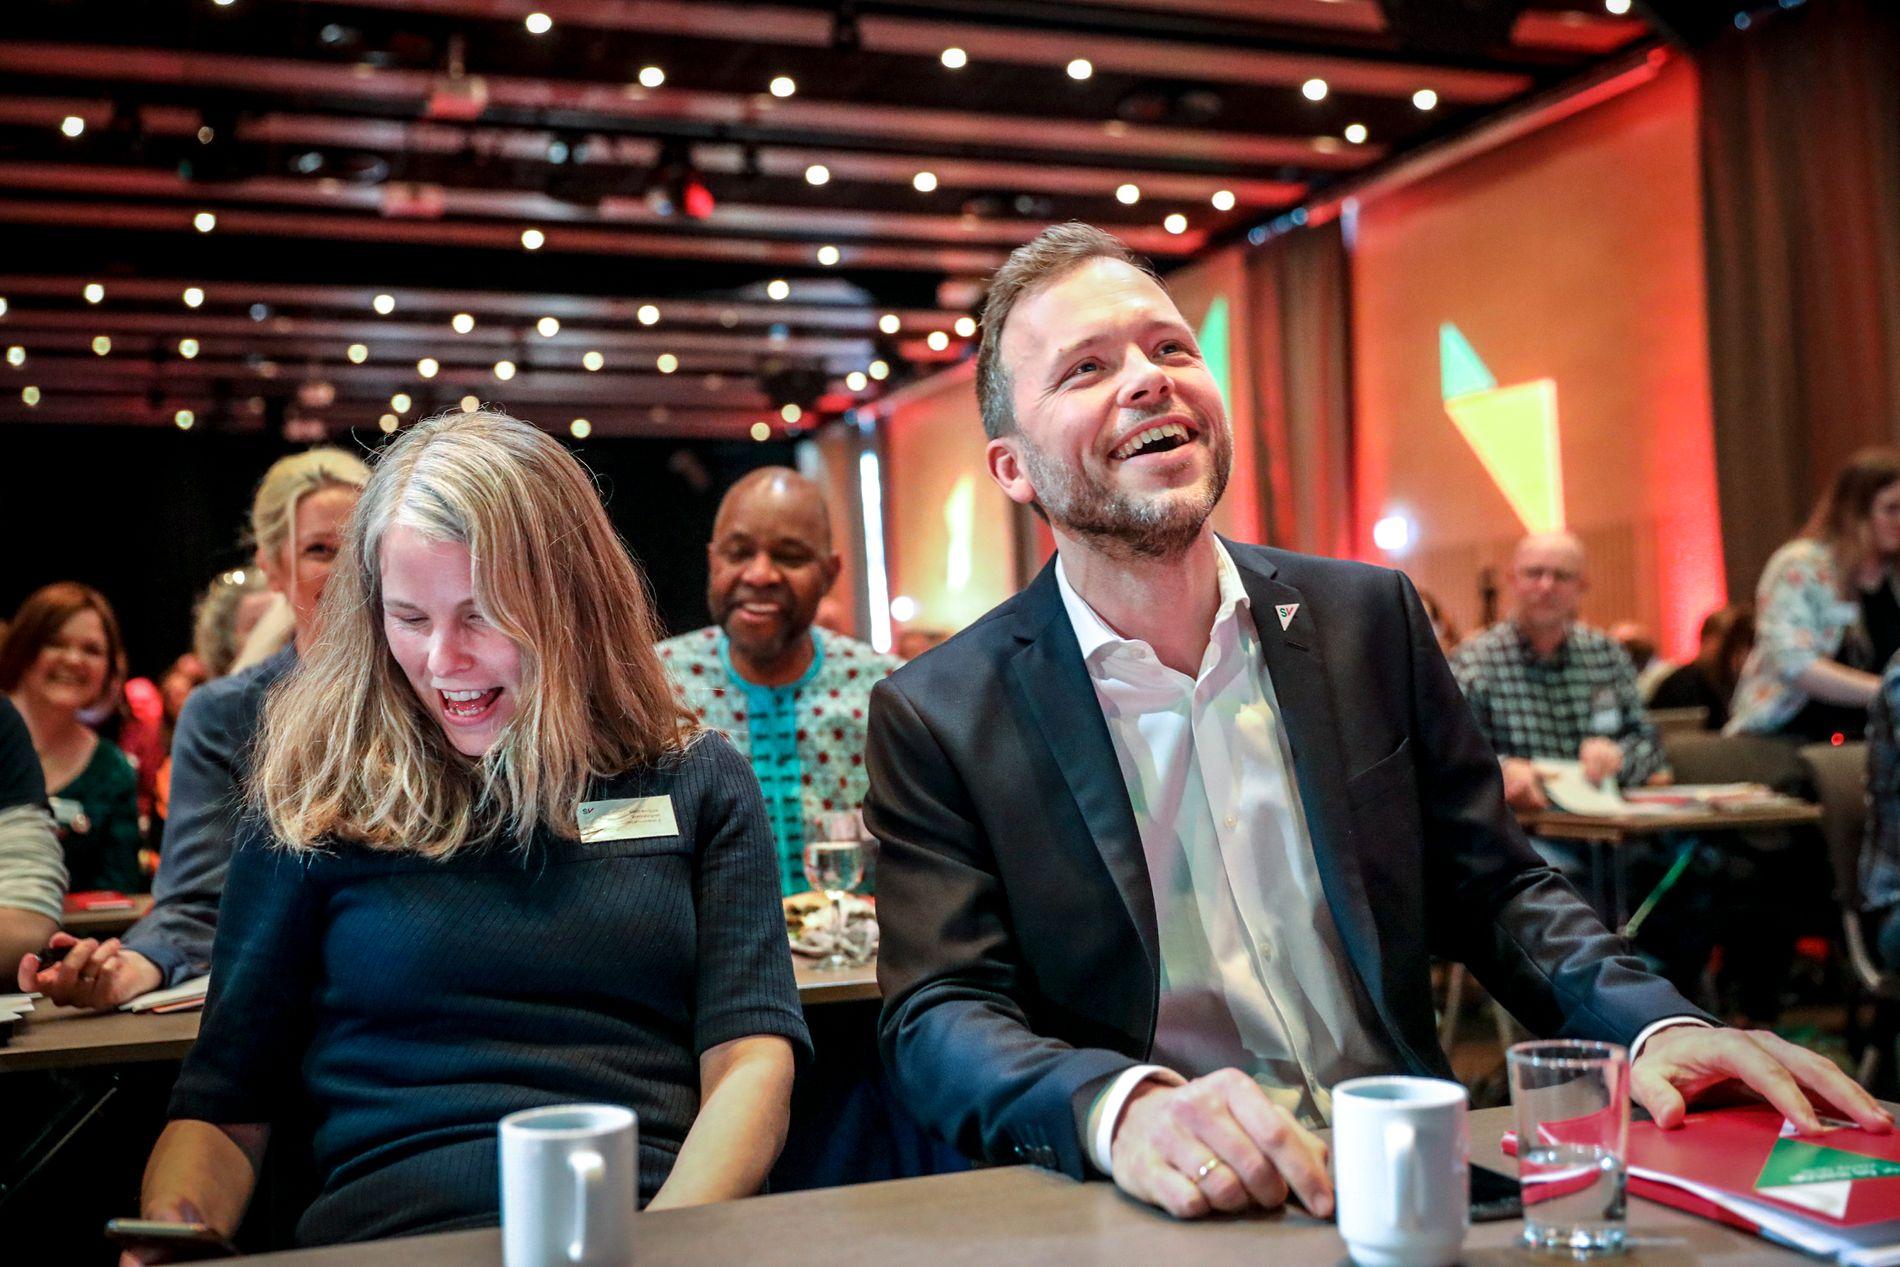 PÅ LANDSMØTE: Partileder Audun Lysbakken i SV, og nestleder og Kirsti Bergstø.